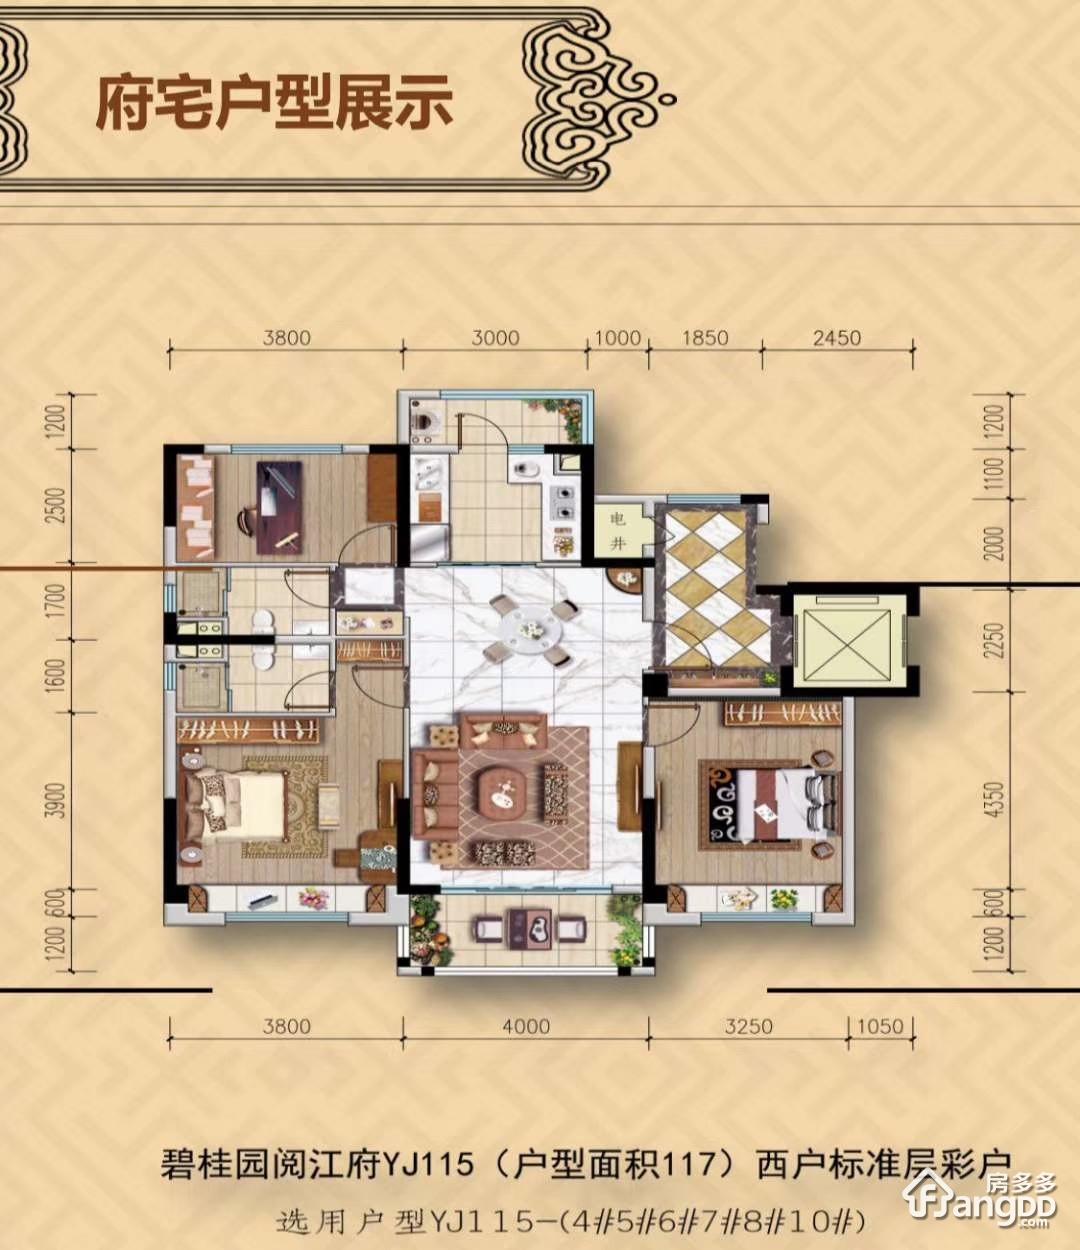 西安碧桂园阅江府3室2厅2卫户型图